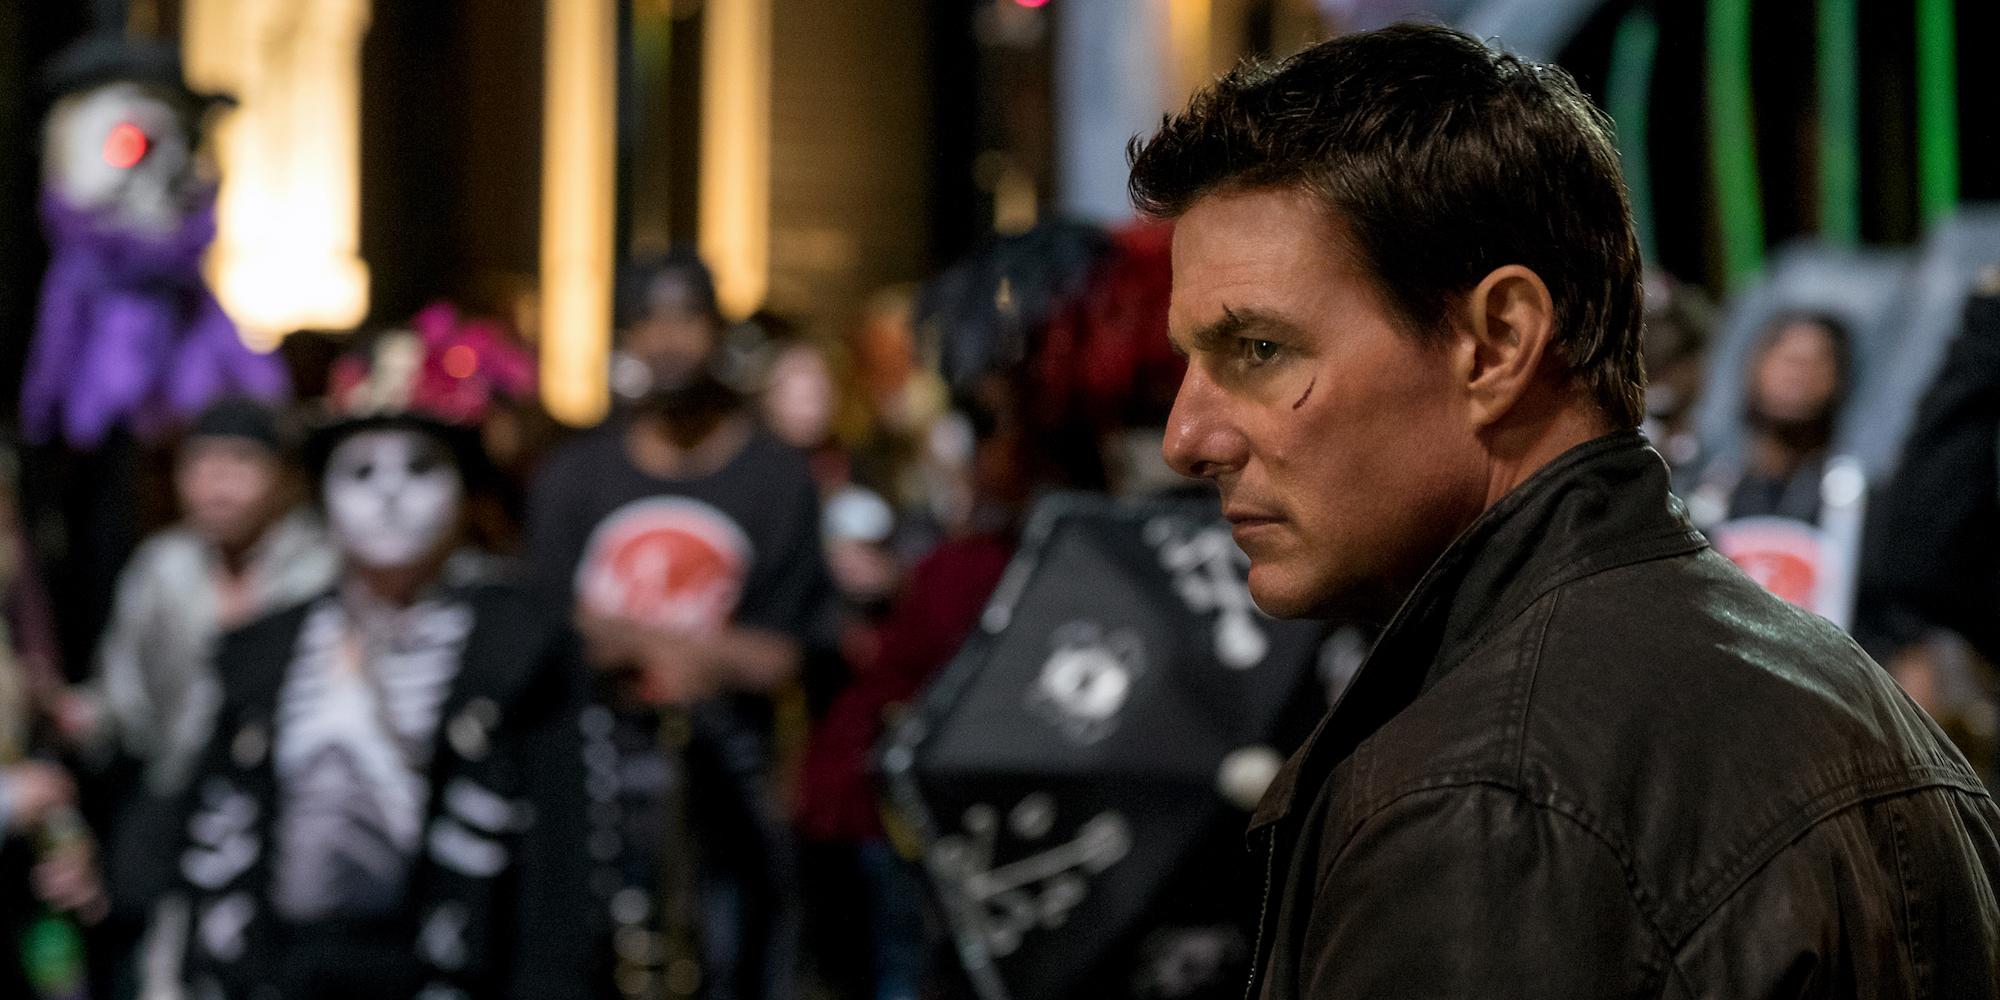 Reacher (Tom Cruise) ordner opp selv om skurken forsøker å ramme hans akilleshæl.